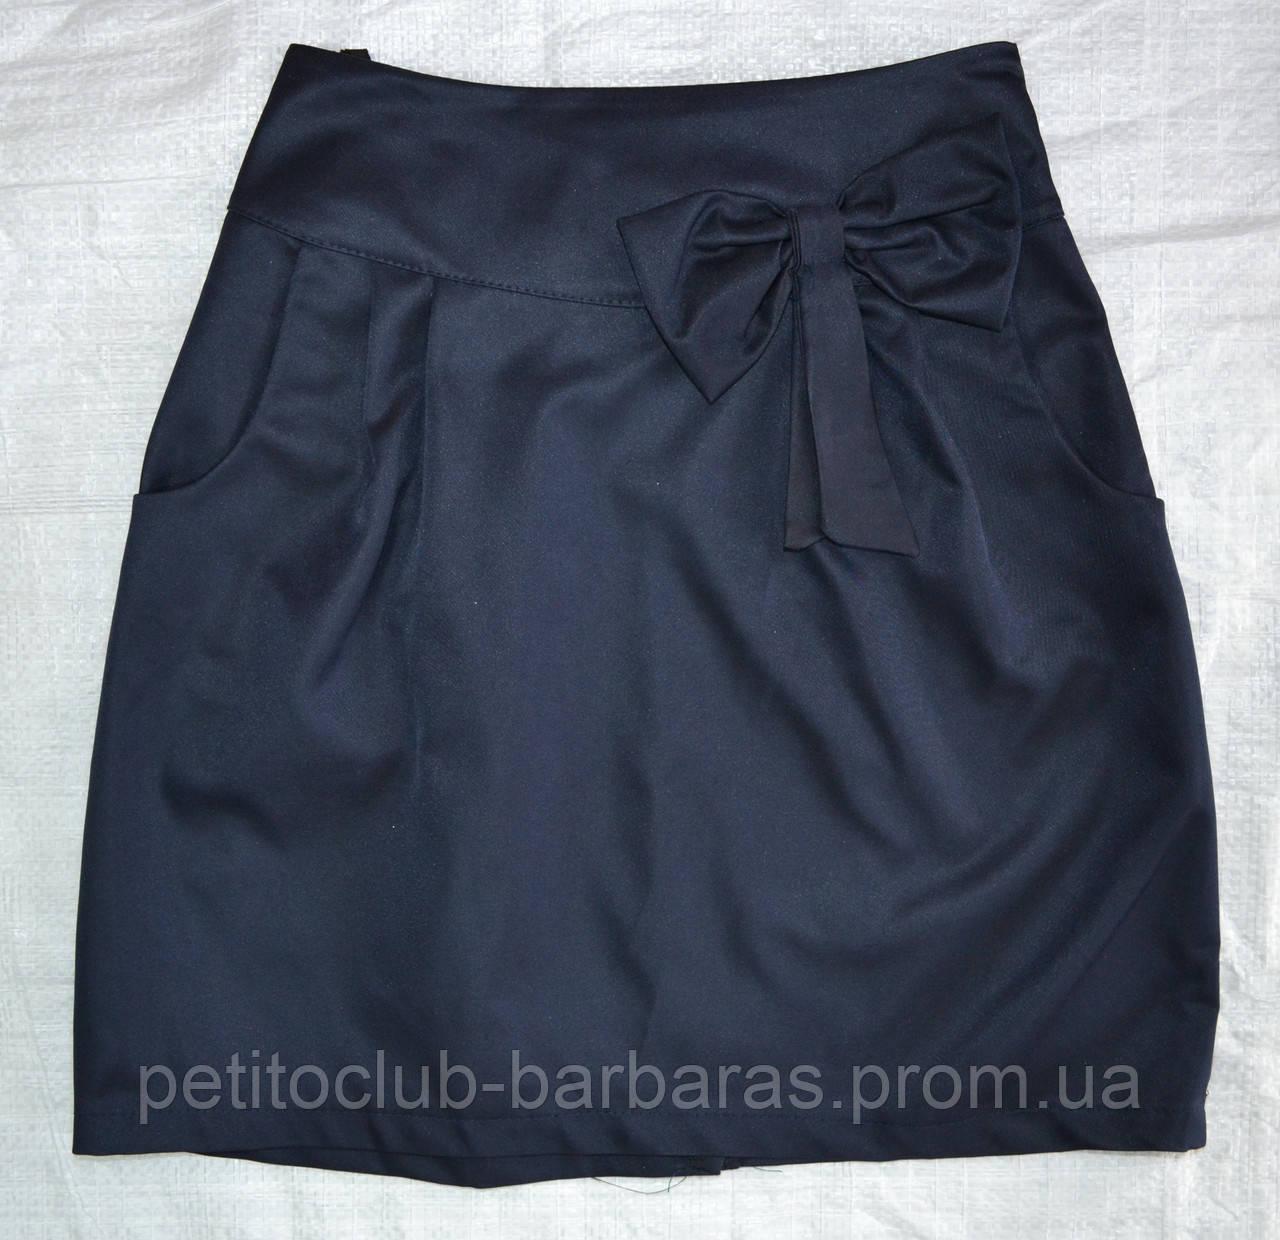 Детская юбка классика с бантом темно-синяя р. 128-158 см (Mariatex, Польша)